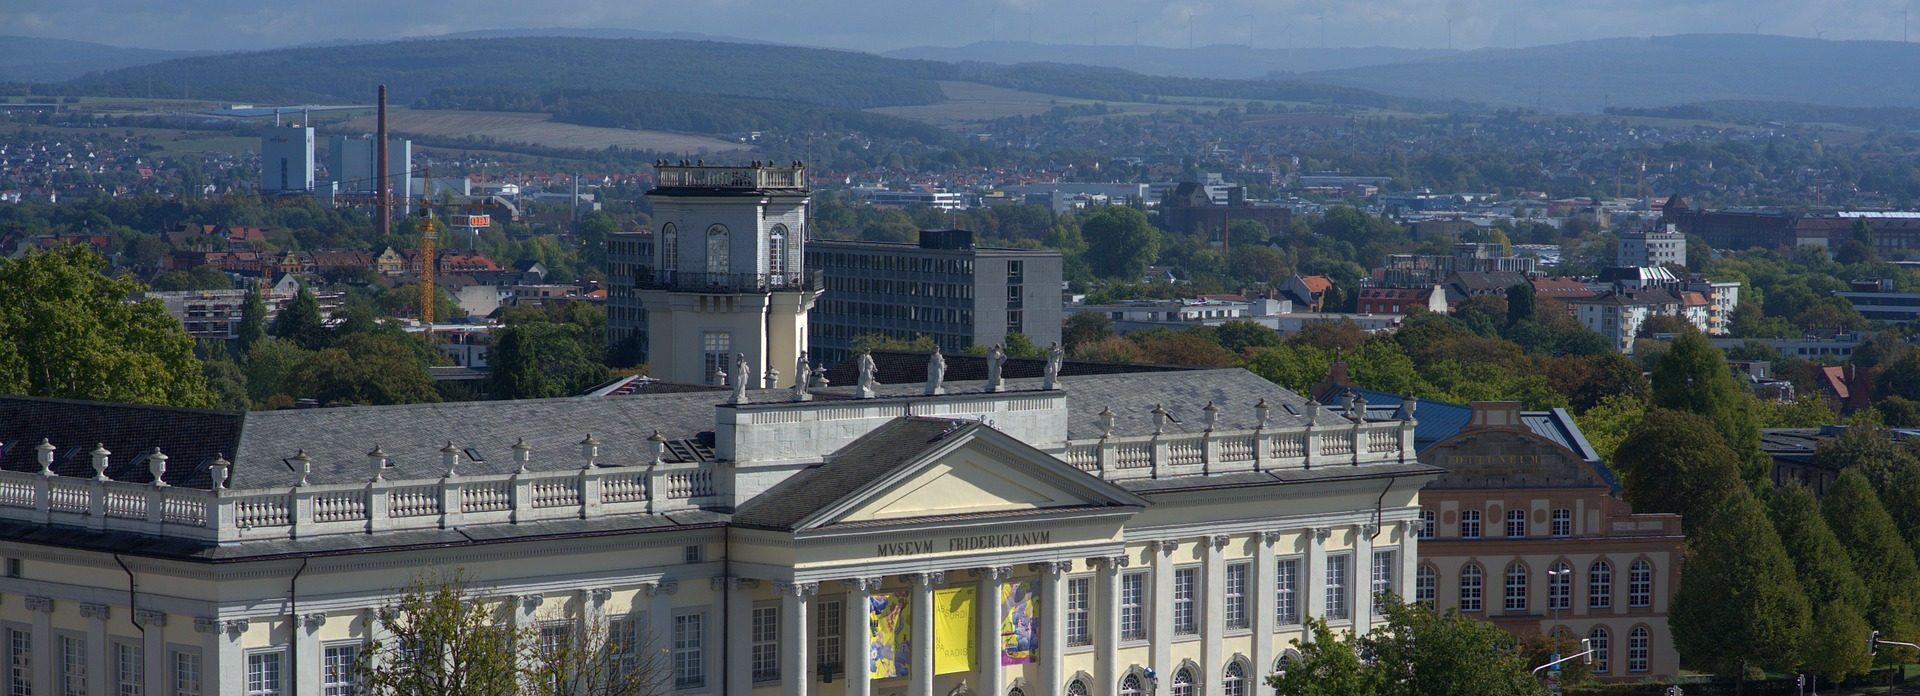 Wohnberechtigungsschein_Kassel